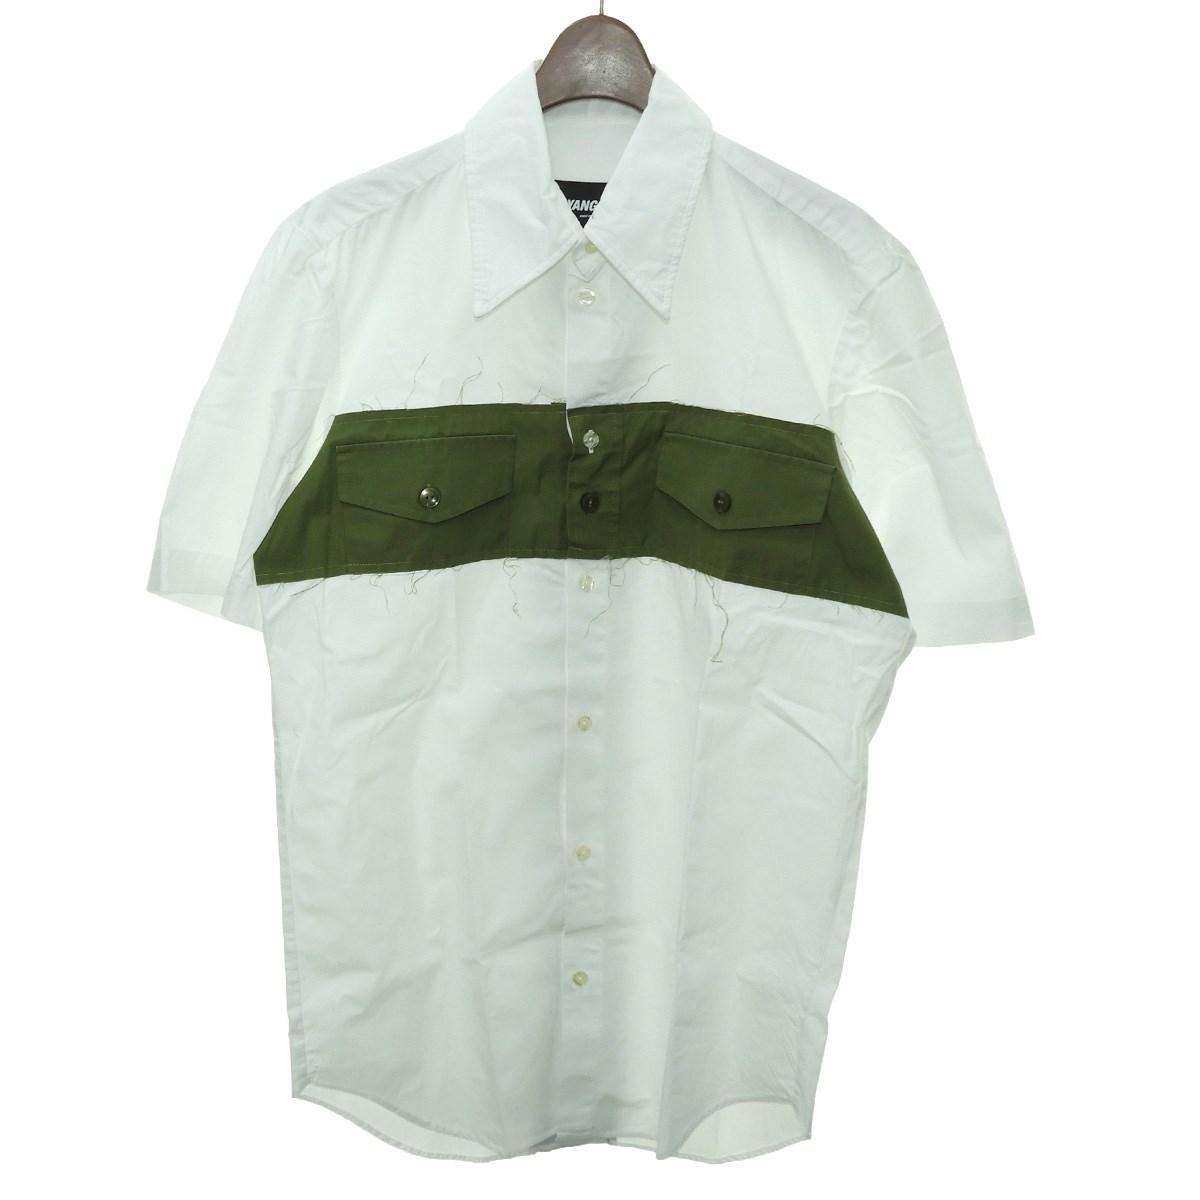 人気商品の 【】YANG LI2019SS 「SHORT SLEEVE INSERT SHIRT」 切替半袖シャツ ホワイト×カーキ サイズ:46 【7月9日見直し】, だっちょん先生 b0ca1016